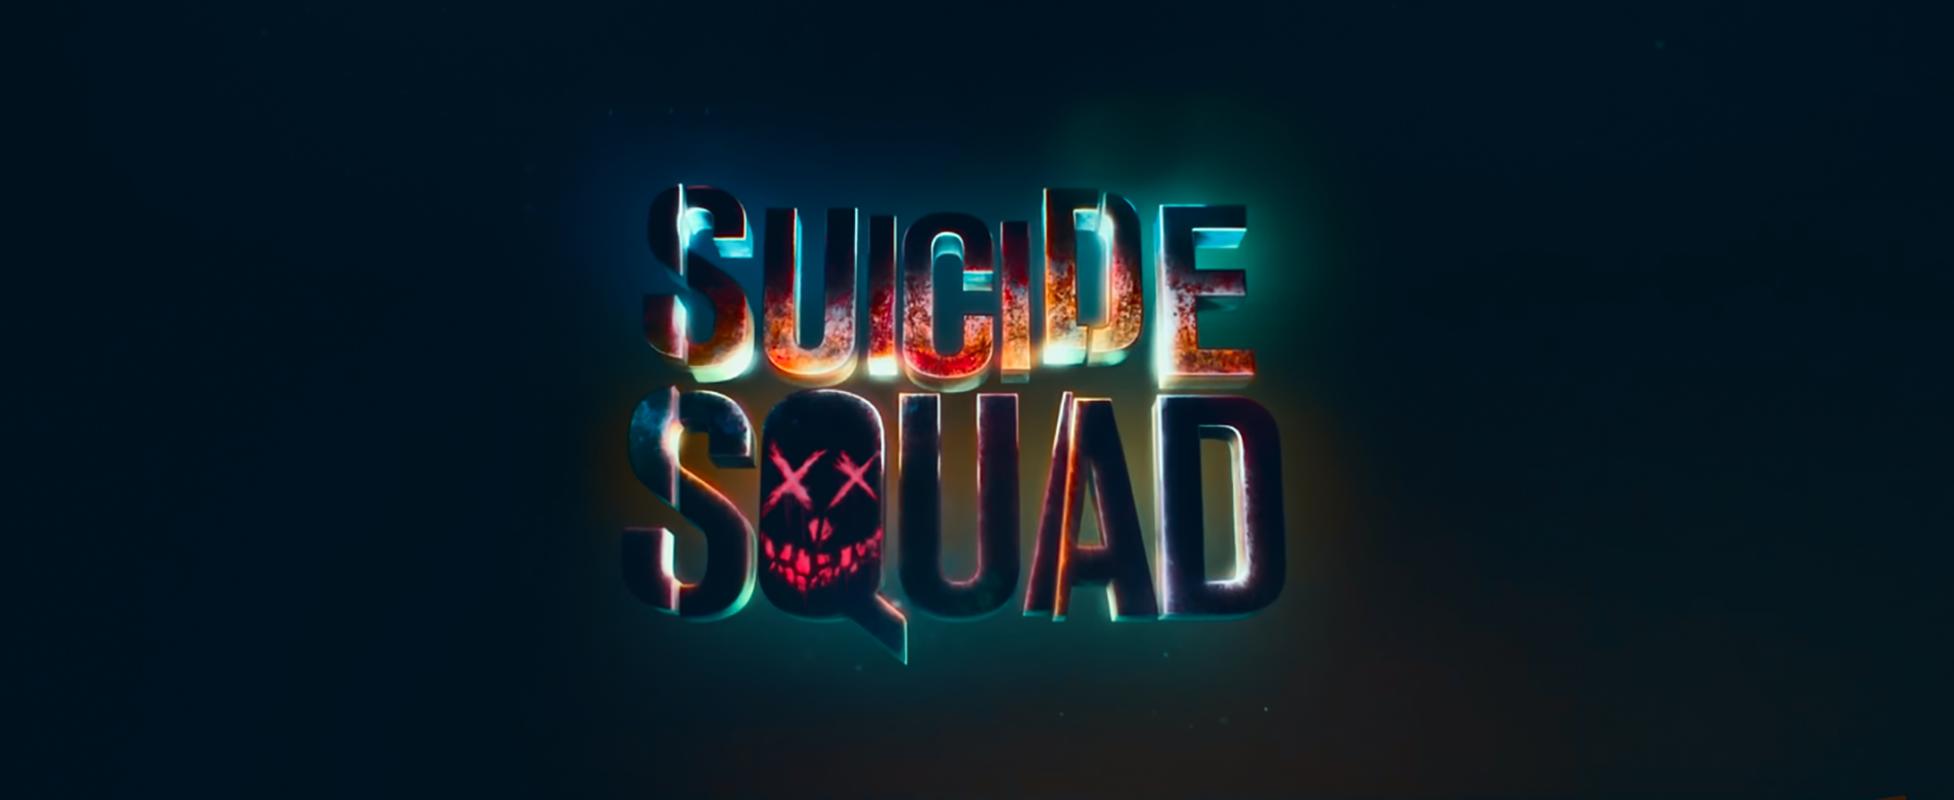 Recce Squad Hd Wallpapers: Los Mejores Fondos De Pantalla De Escuadrón Suicida Para